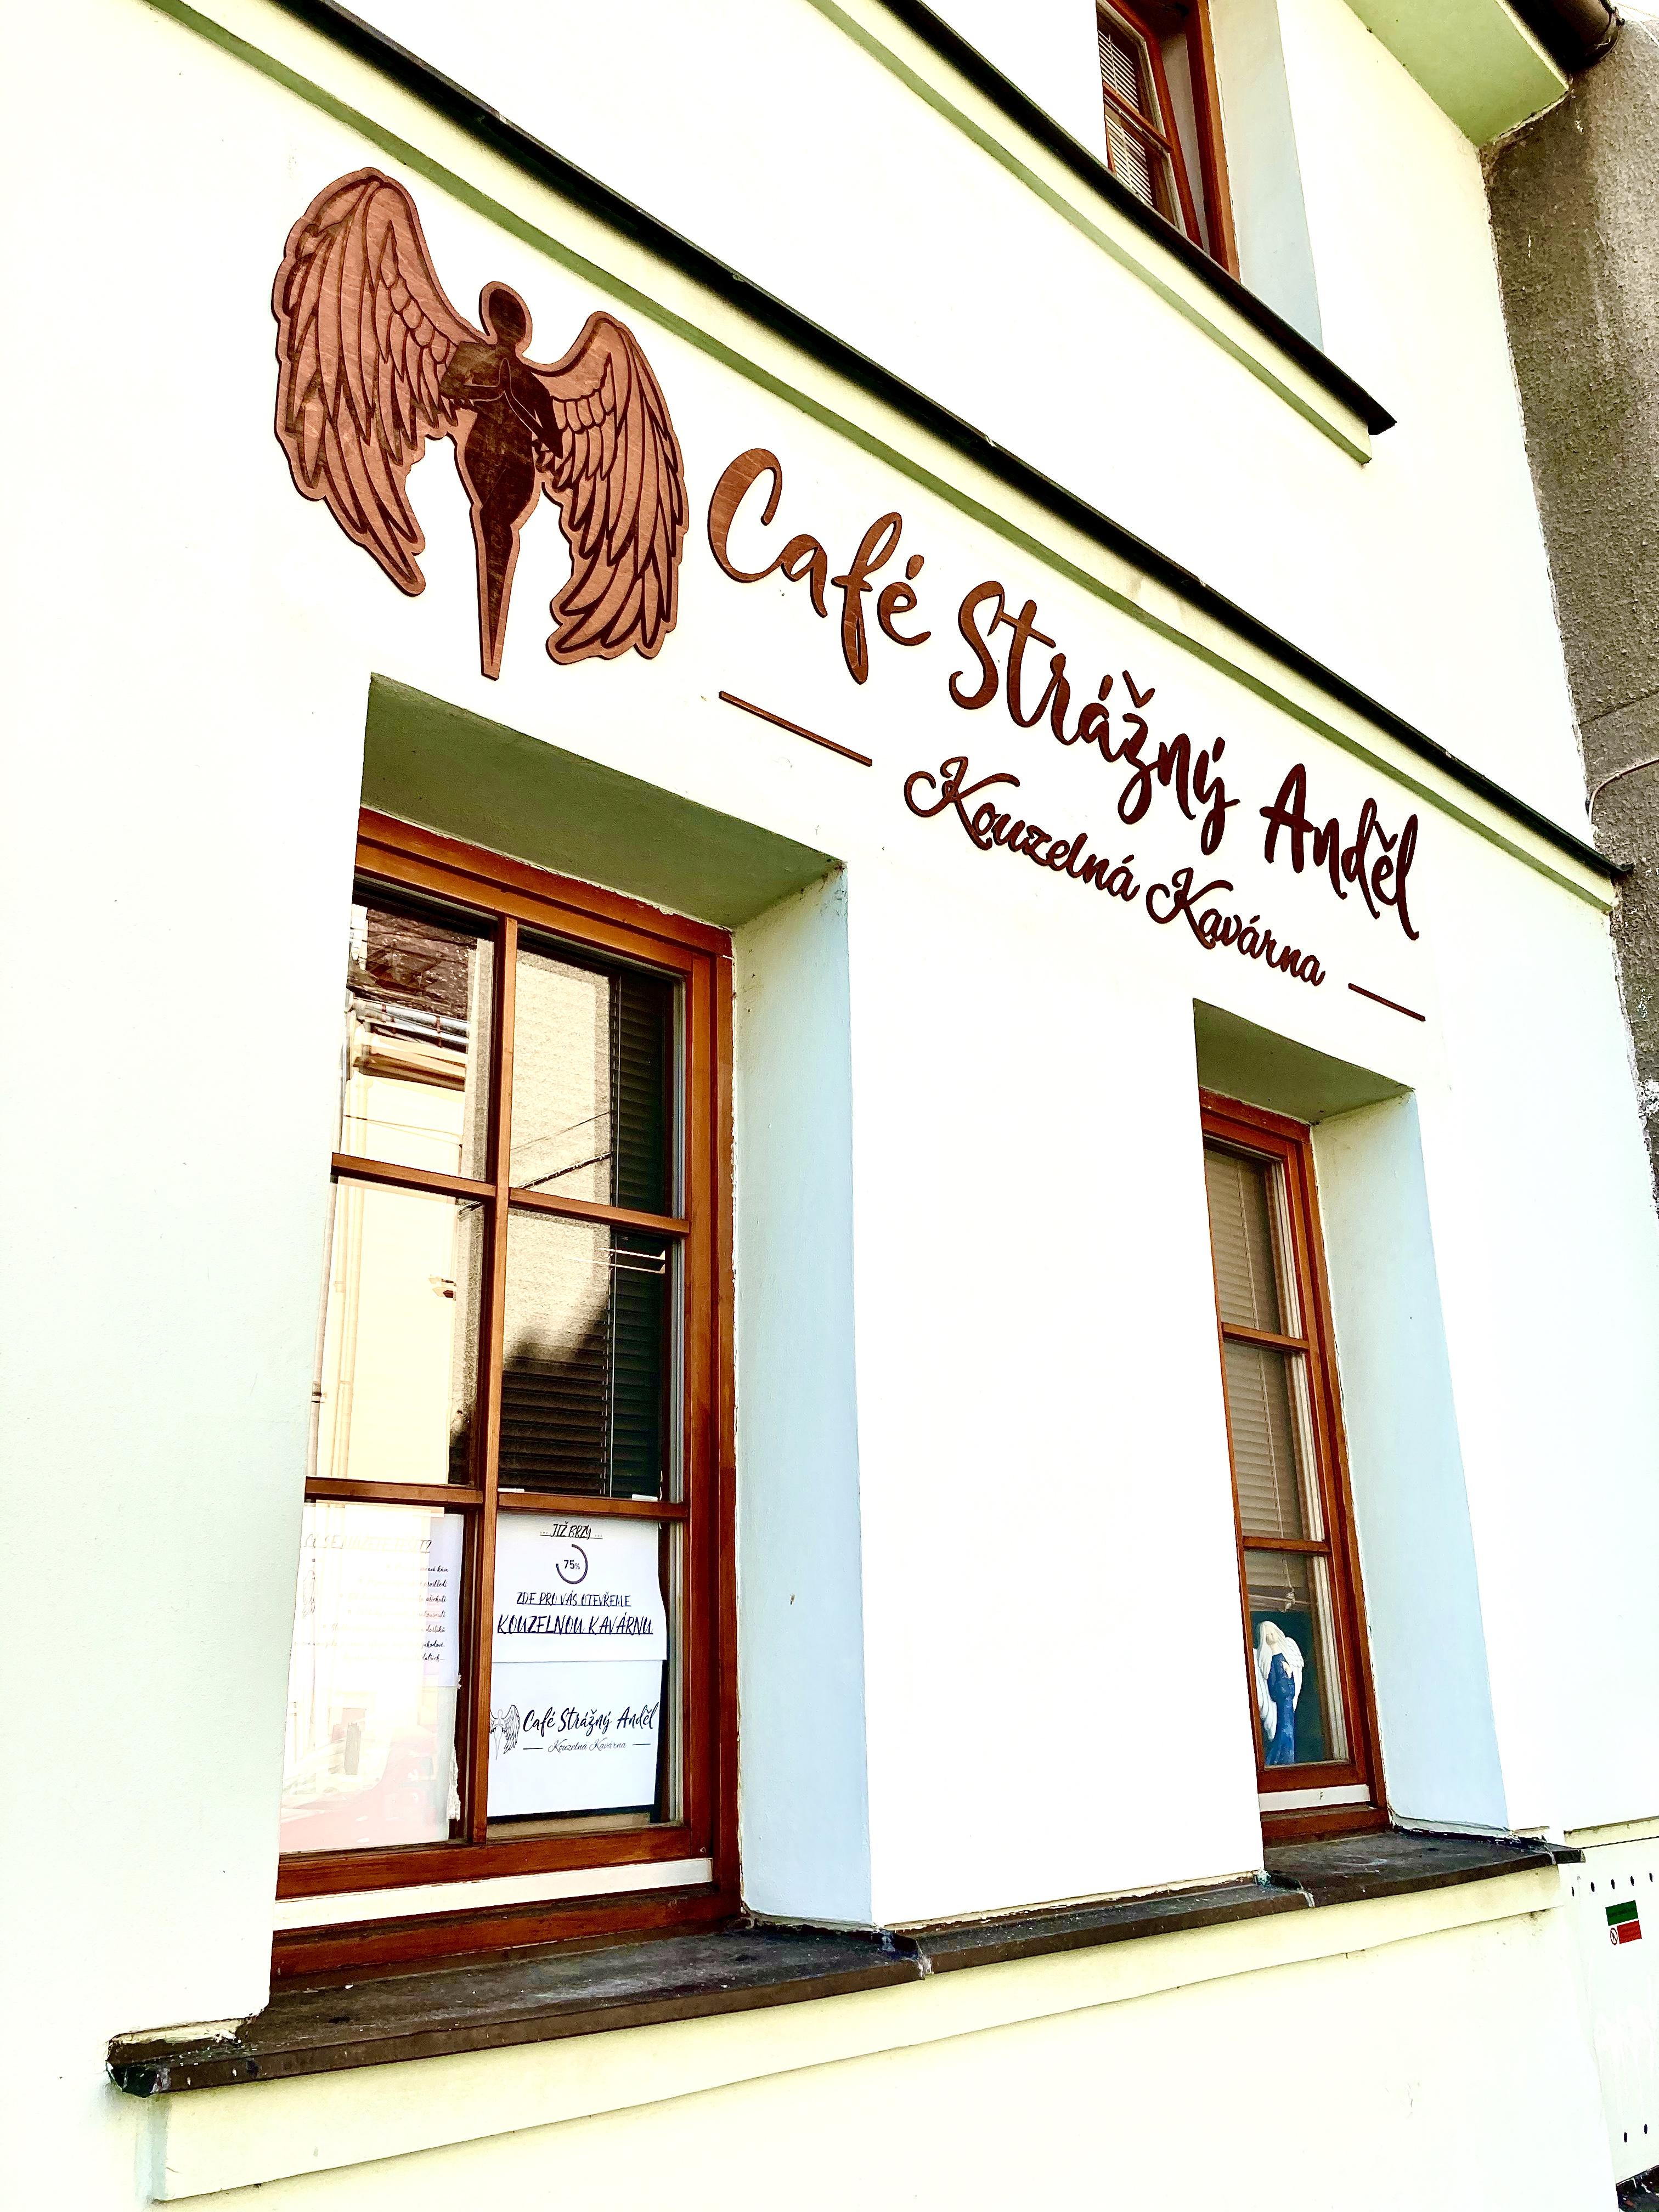 Dřevěné logo, označení provozovny, označení kavárny, designové logo, logo, dřevo